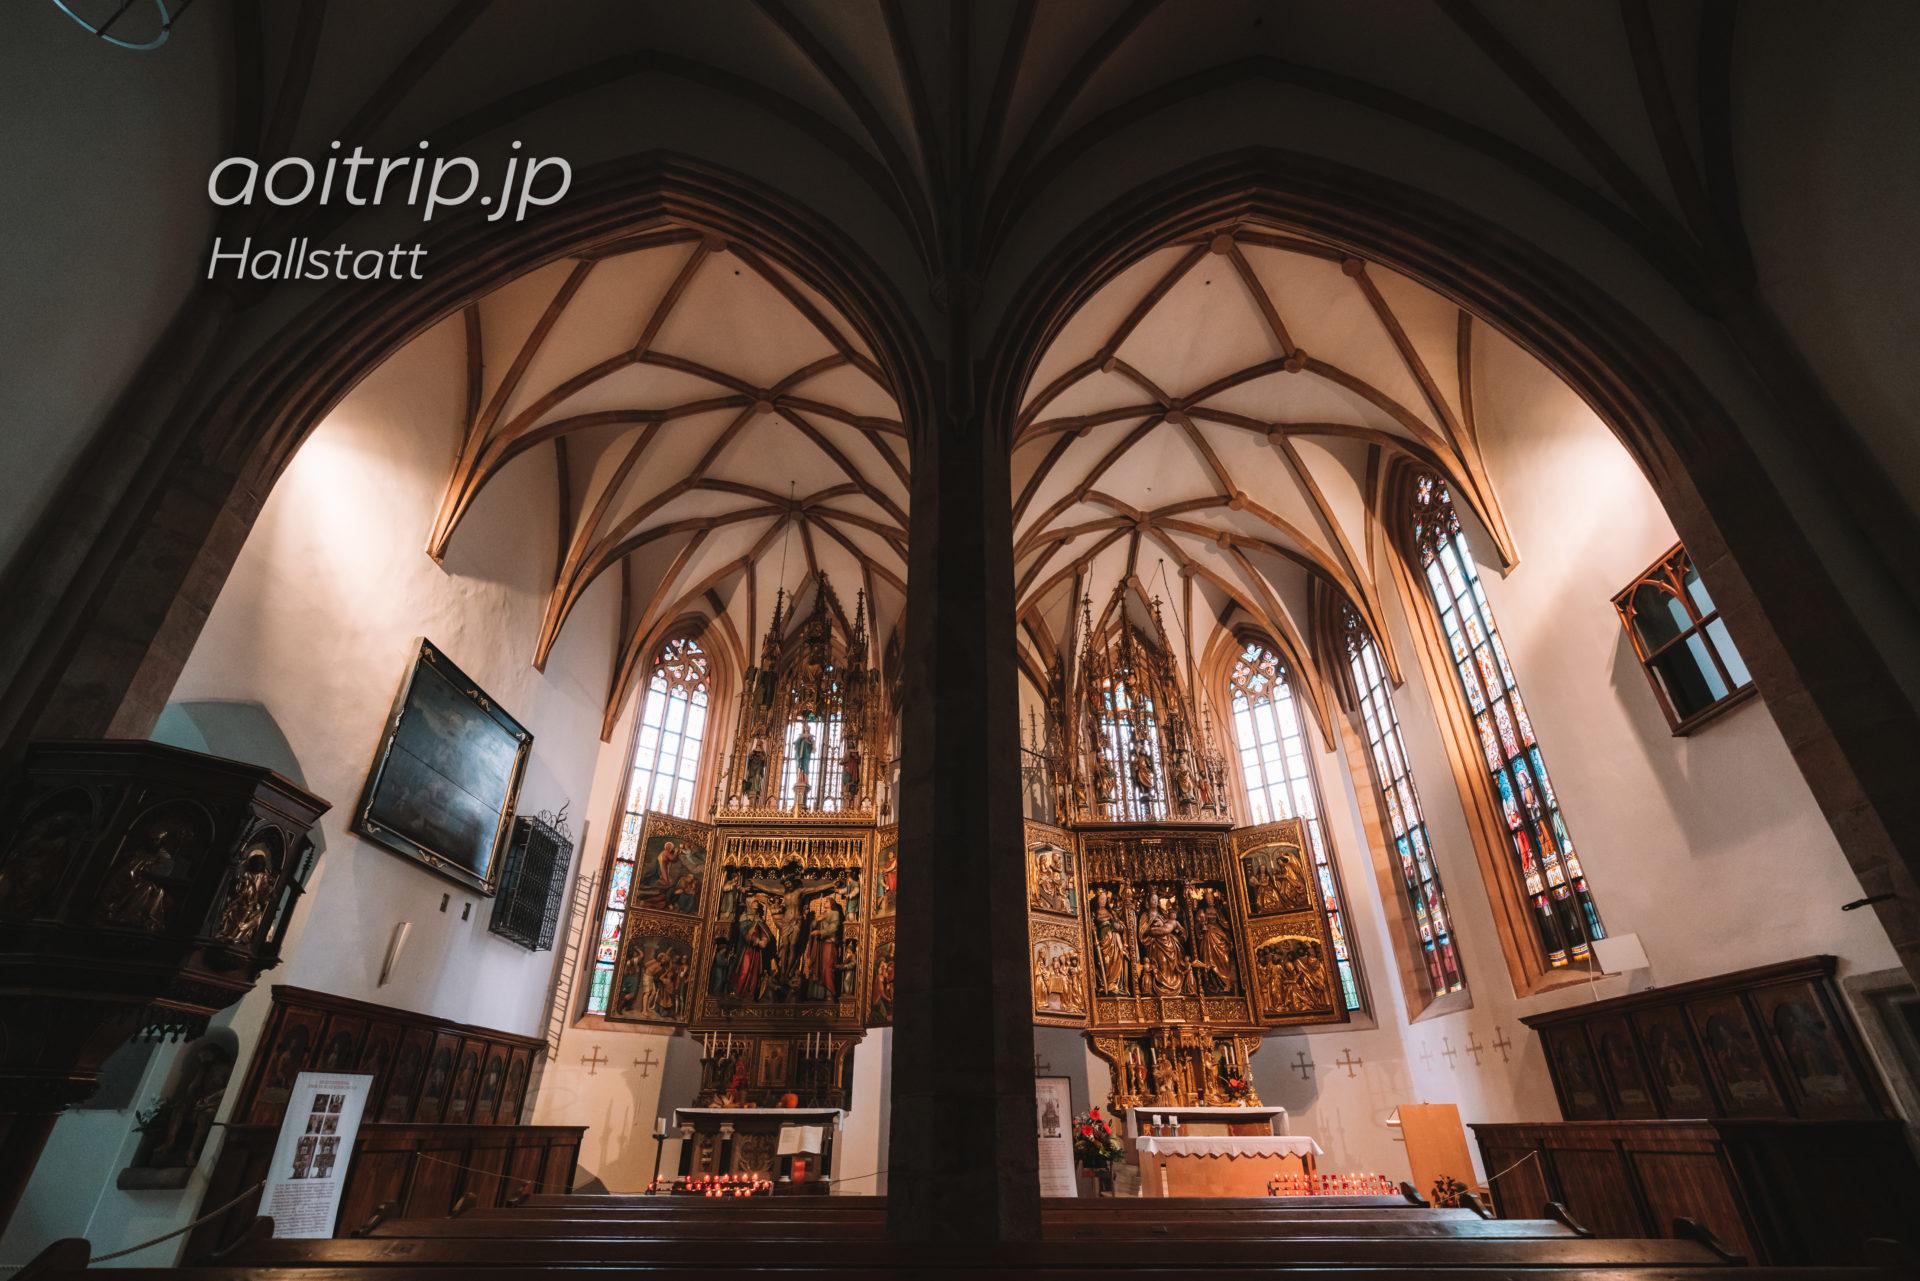 ハルシュタットのカトリック教会 Lienhart Astlによる後期ゴシック様式の祭壇画「Hallstätter Marienaltar」(推定:1510〜1520年)